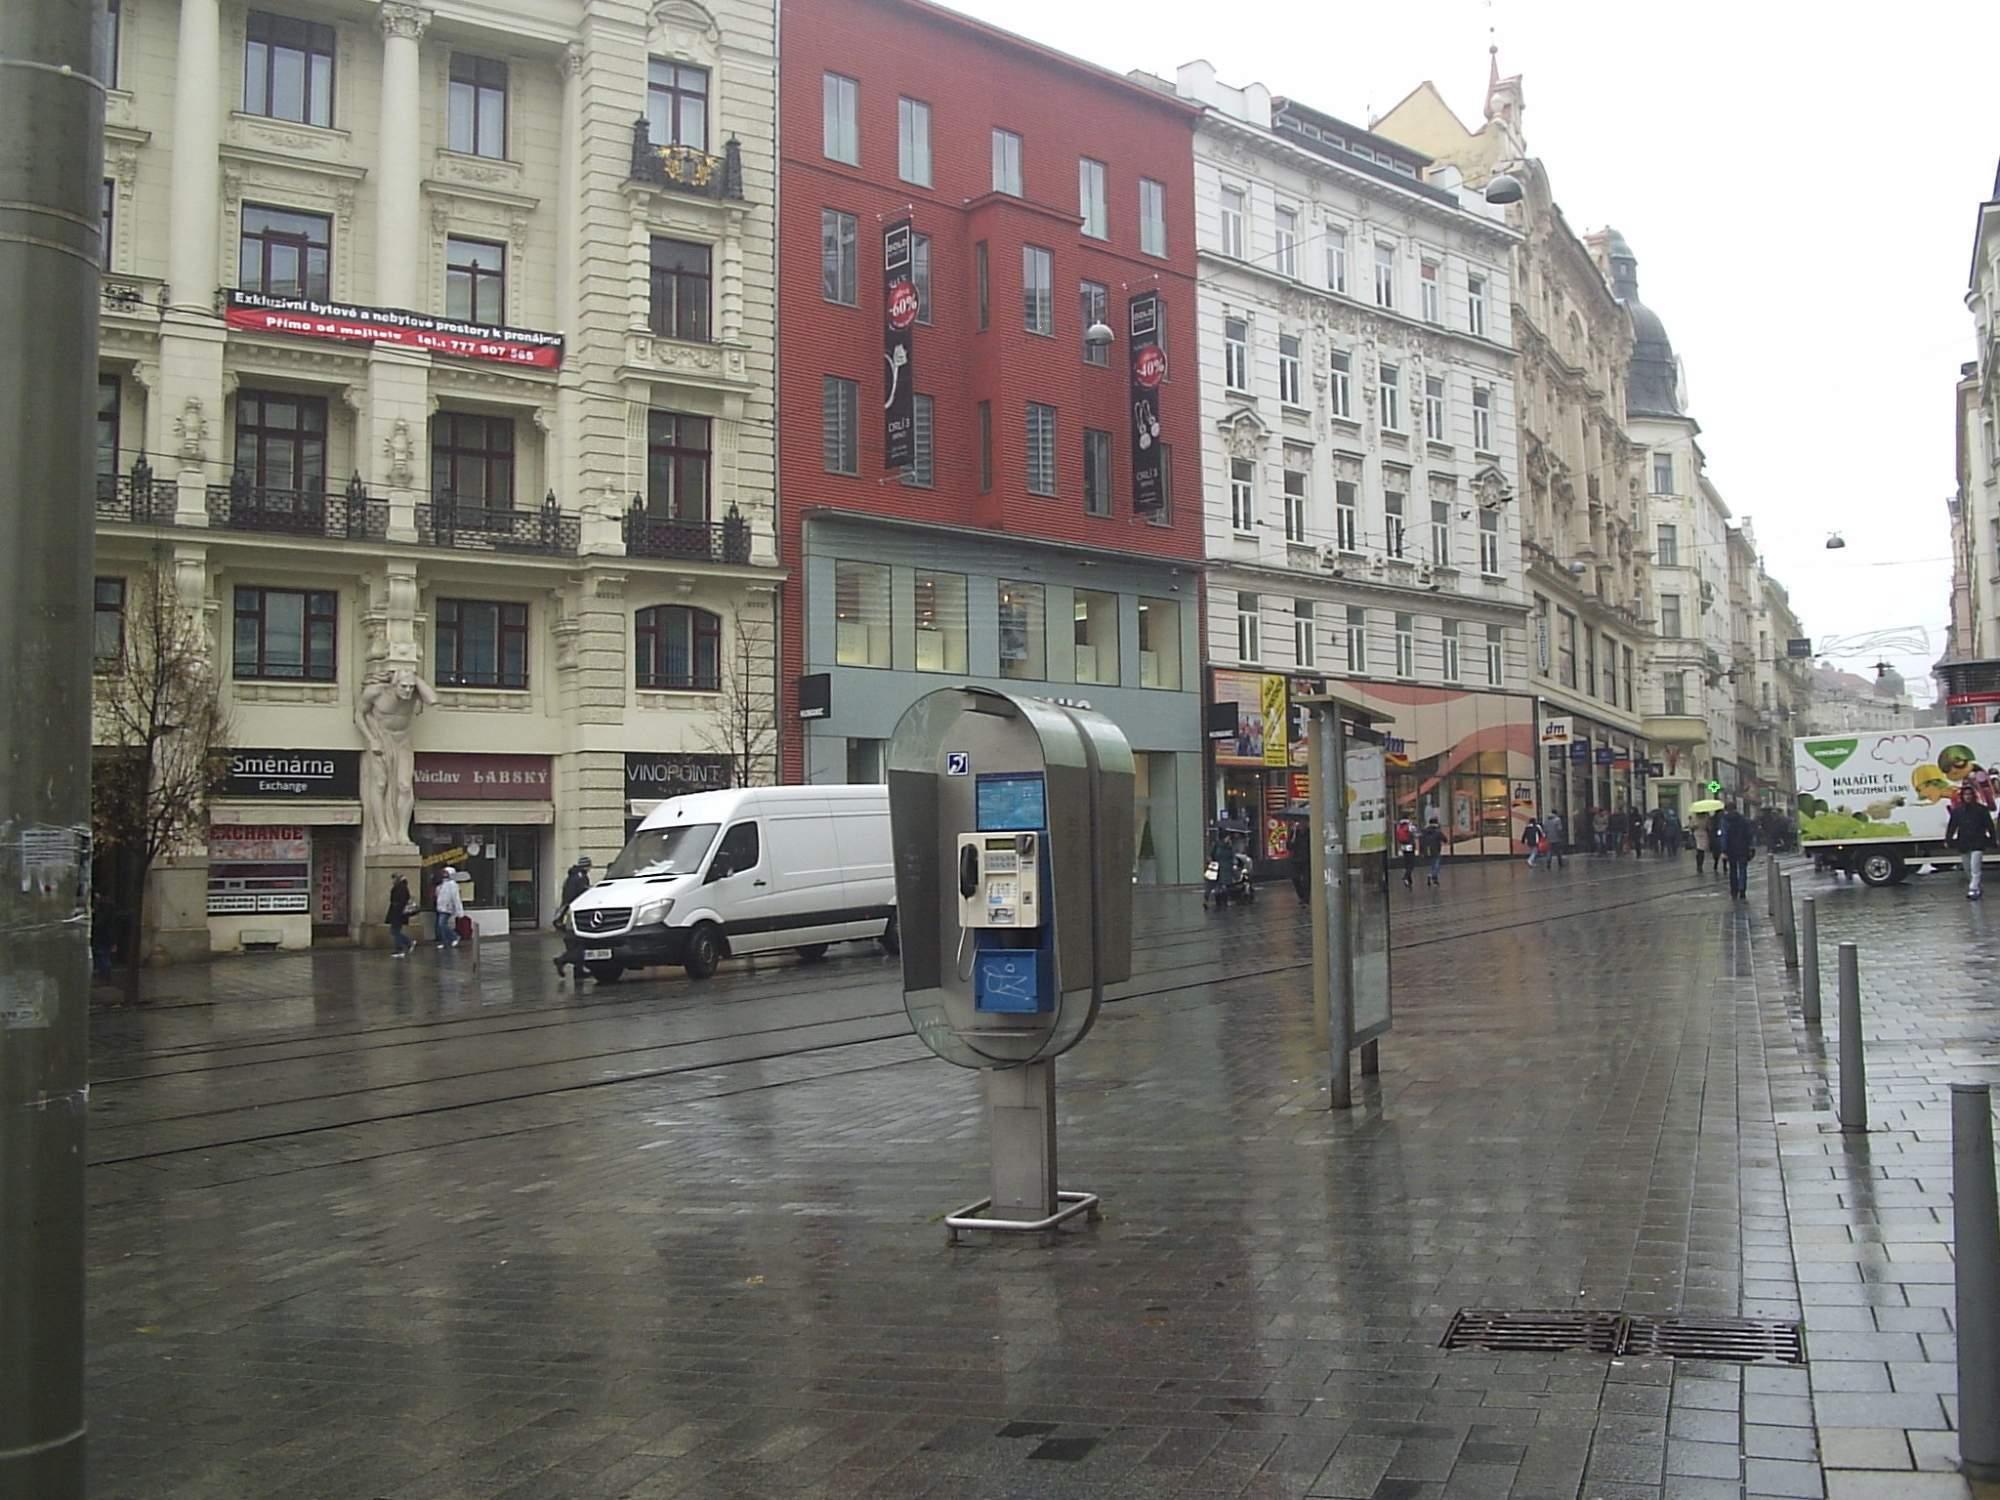 Některé telefonní automaty na náměstí Svobody, Jostově ulici a Zelném trhu se promění v místa pro nabíjení mobilů s wi-fi připojením. Foto: Michaela Nárožná